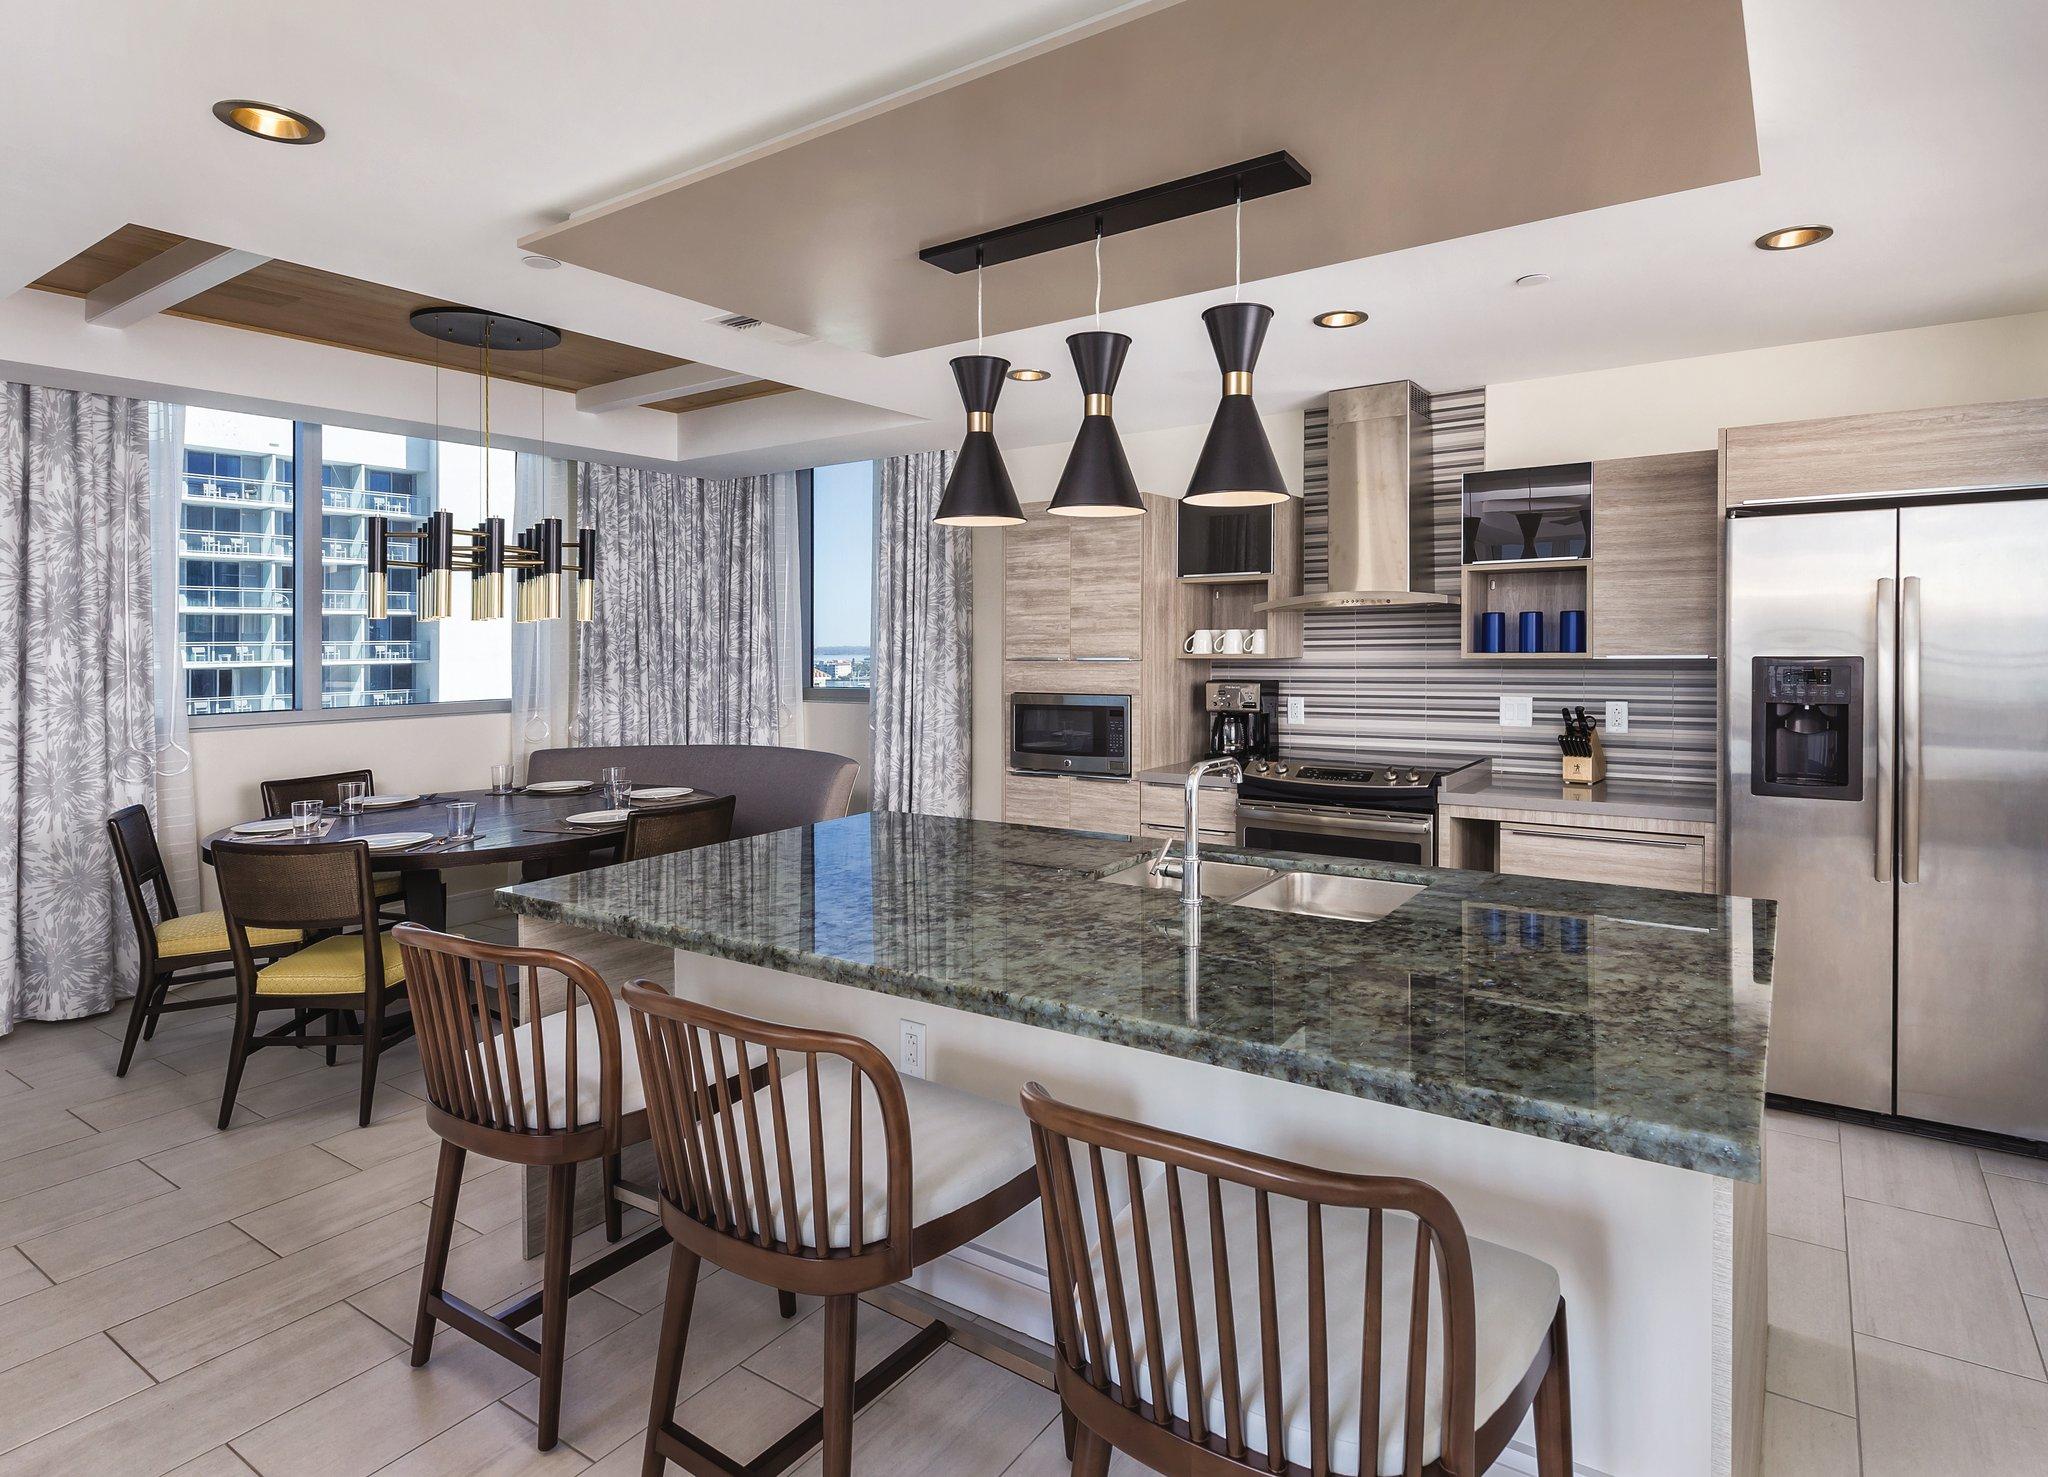 Wyndham Clearwater Beach Resort Kitchen and Dining